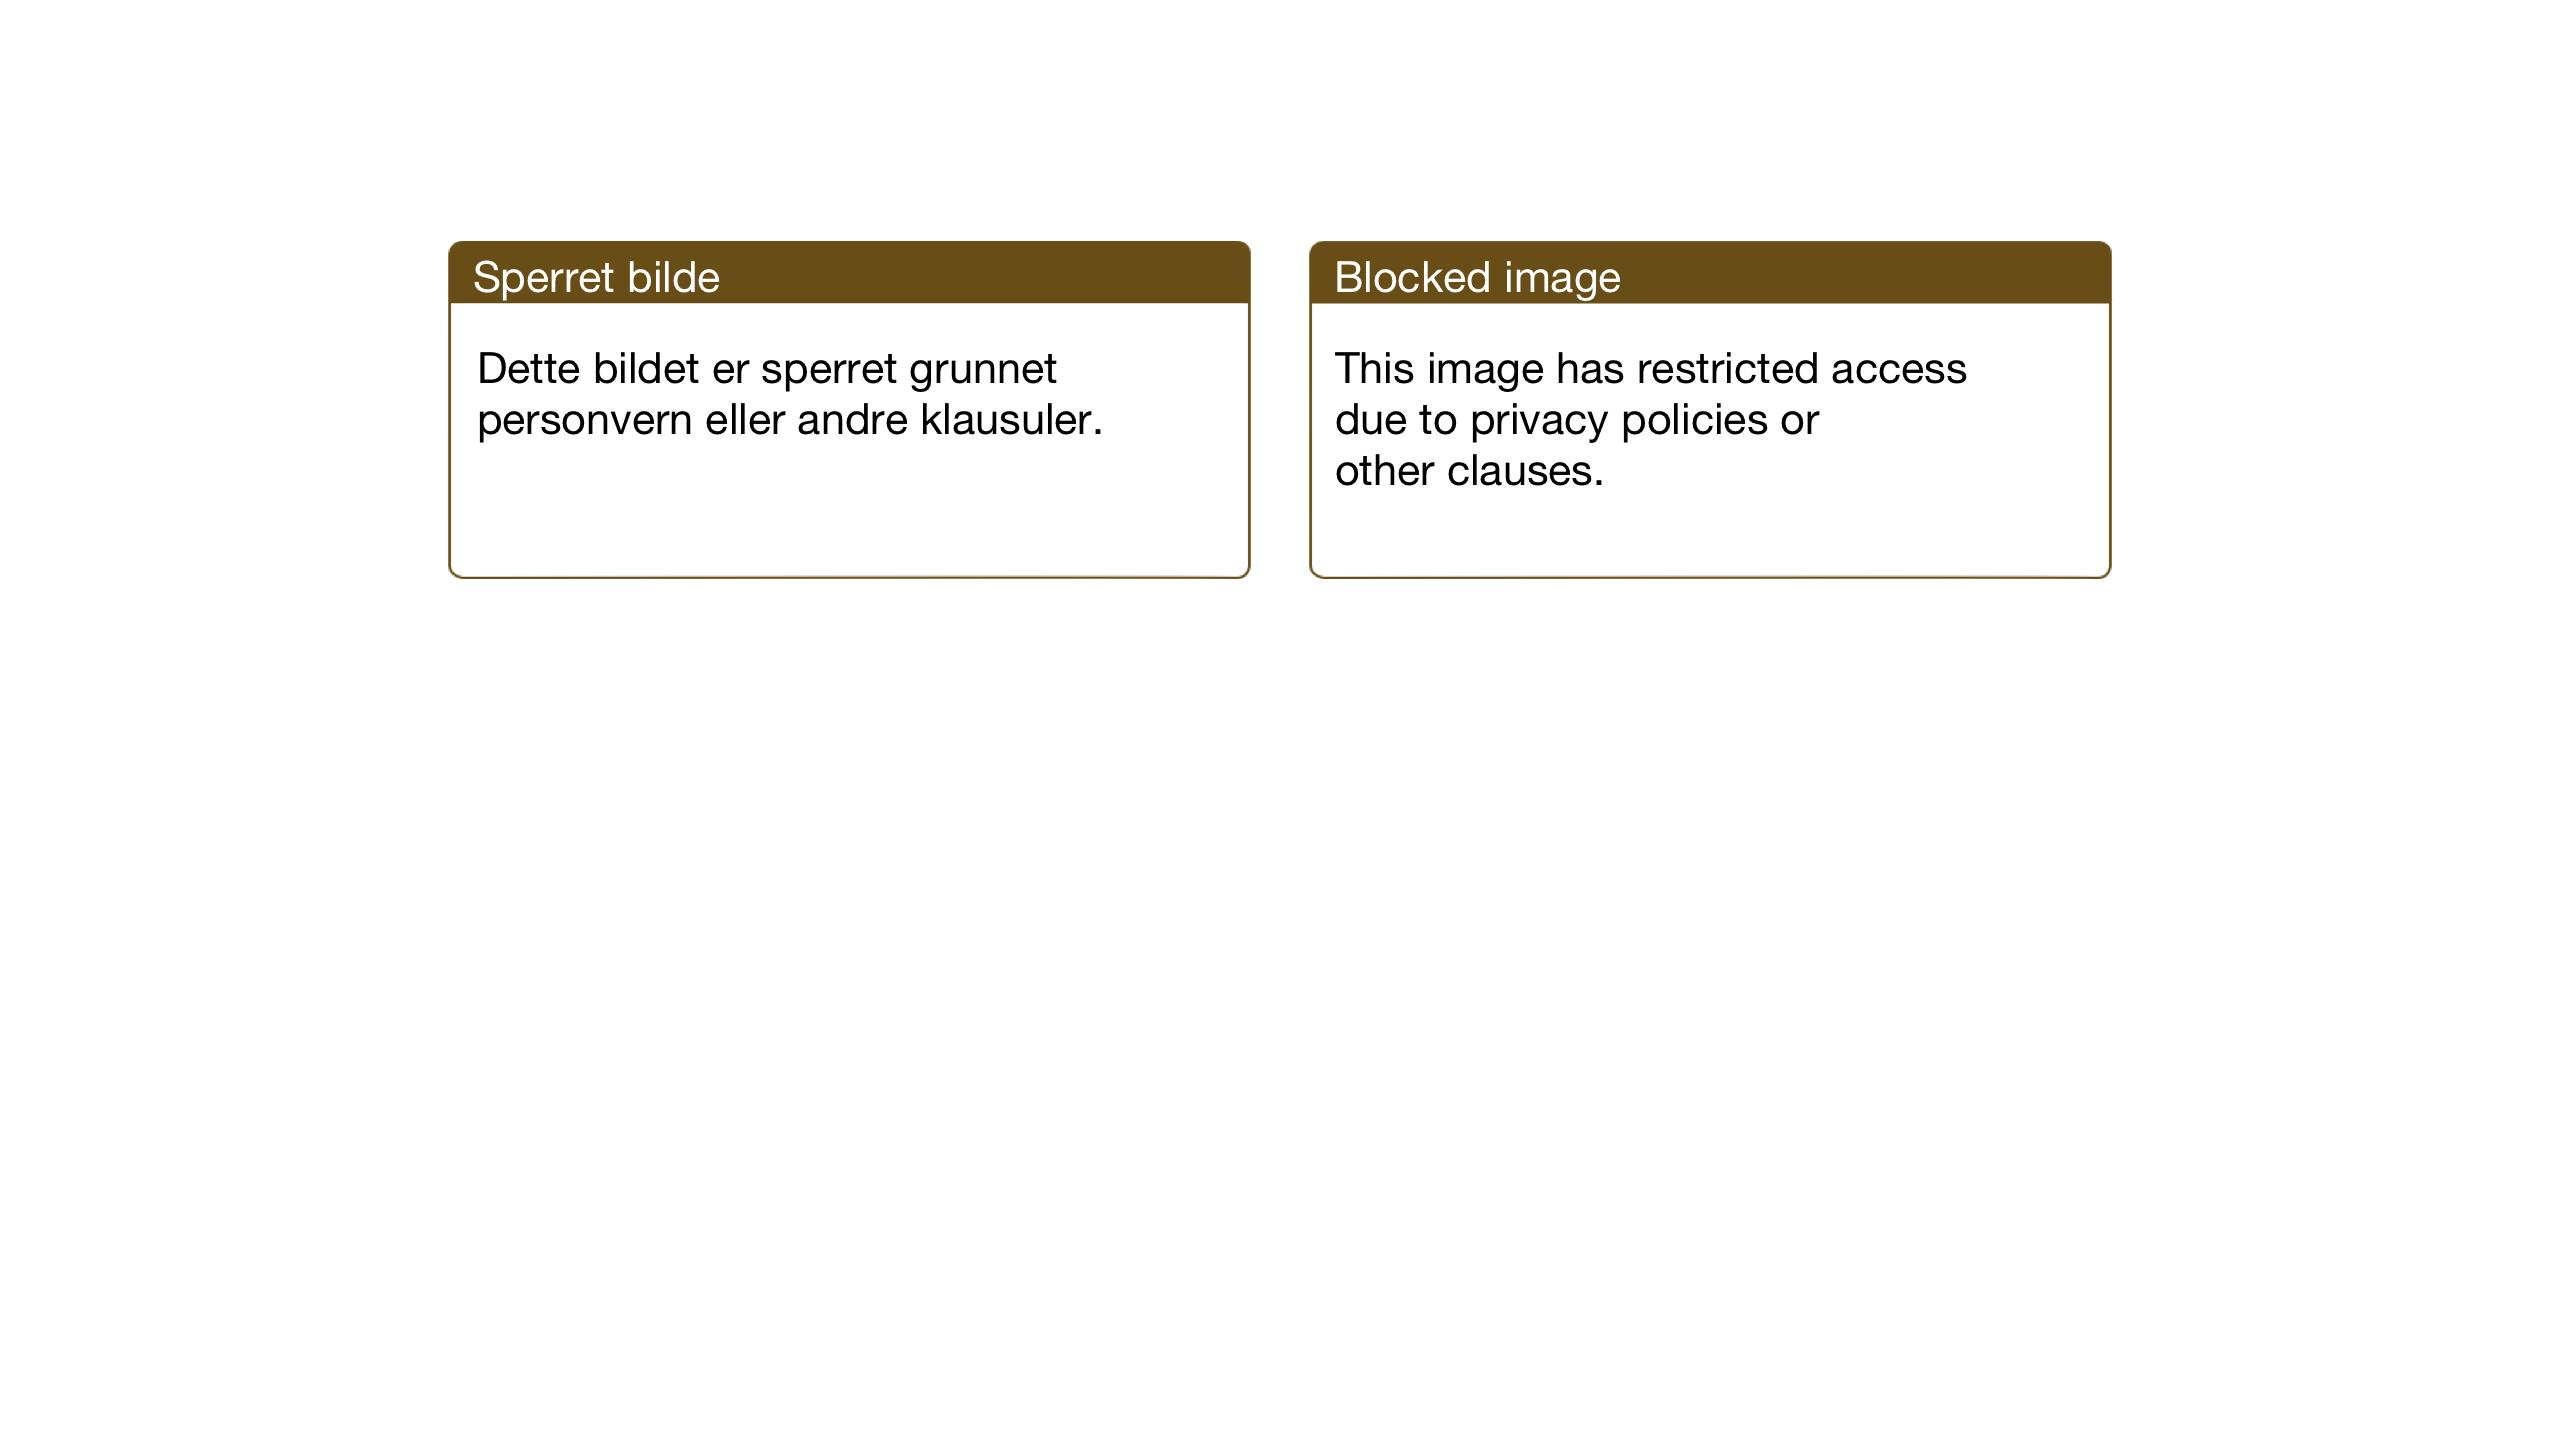 SAT, Ministerialprotokoller, klokkerbøker og fødselsregistre - Sør-Trøndelag, 655/L0690: Klokkerbok nr. 655C06, 1937-1950, s. 89